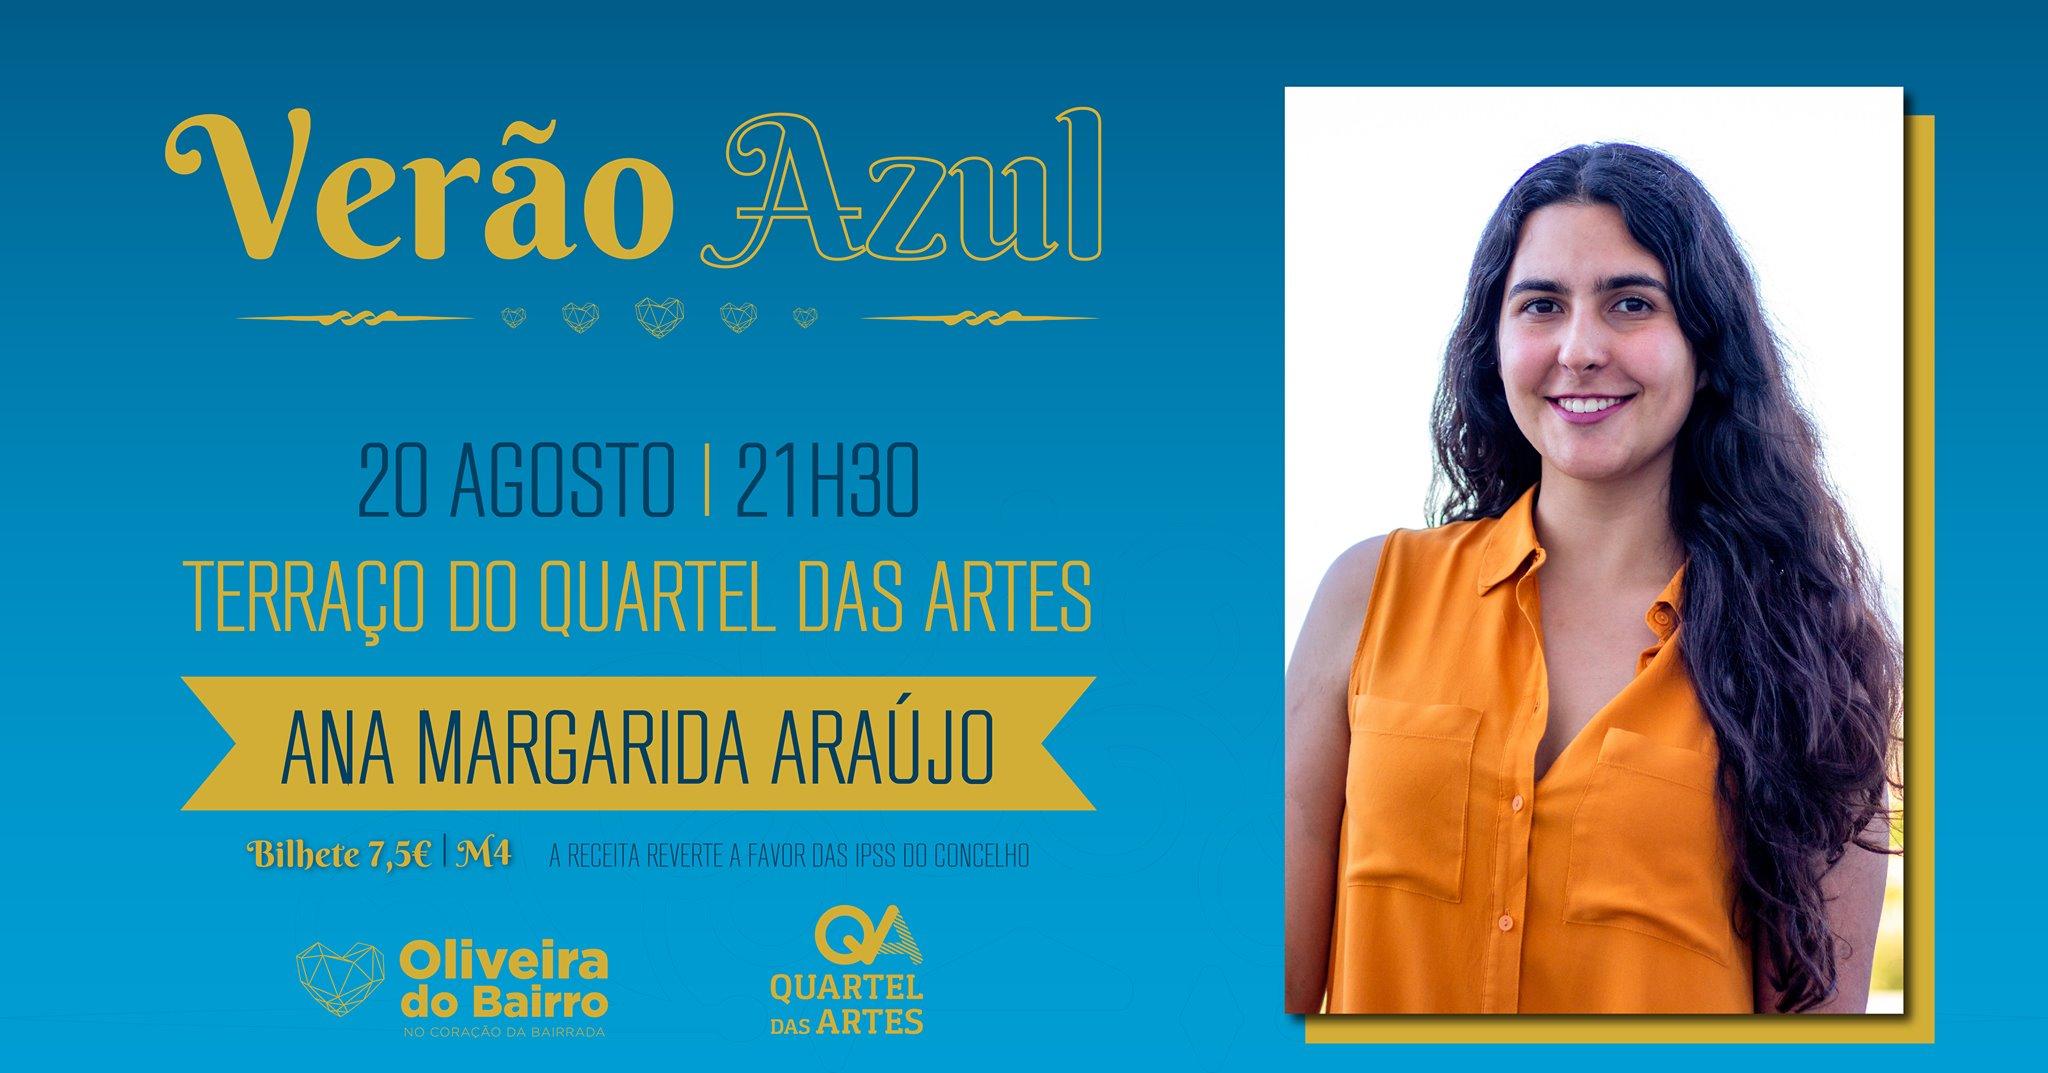 Noites no QA - Às sextas, música no terraço Mafalda Carvalho & Joana Nolasco / Ana Margarida Araújo